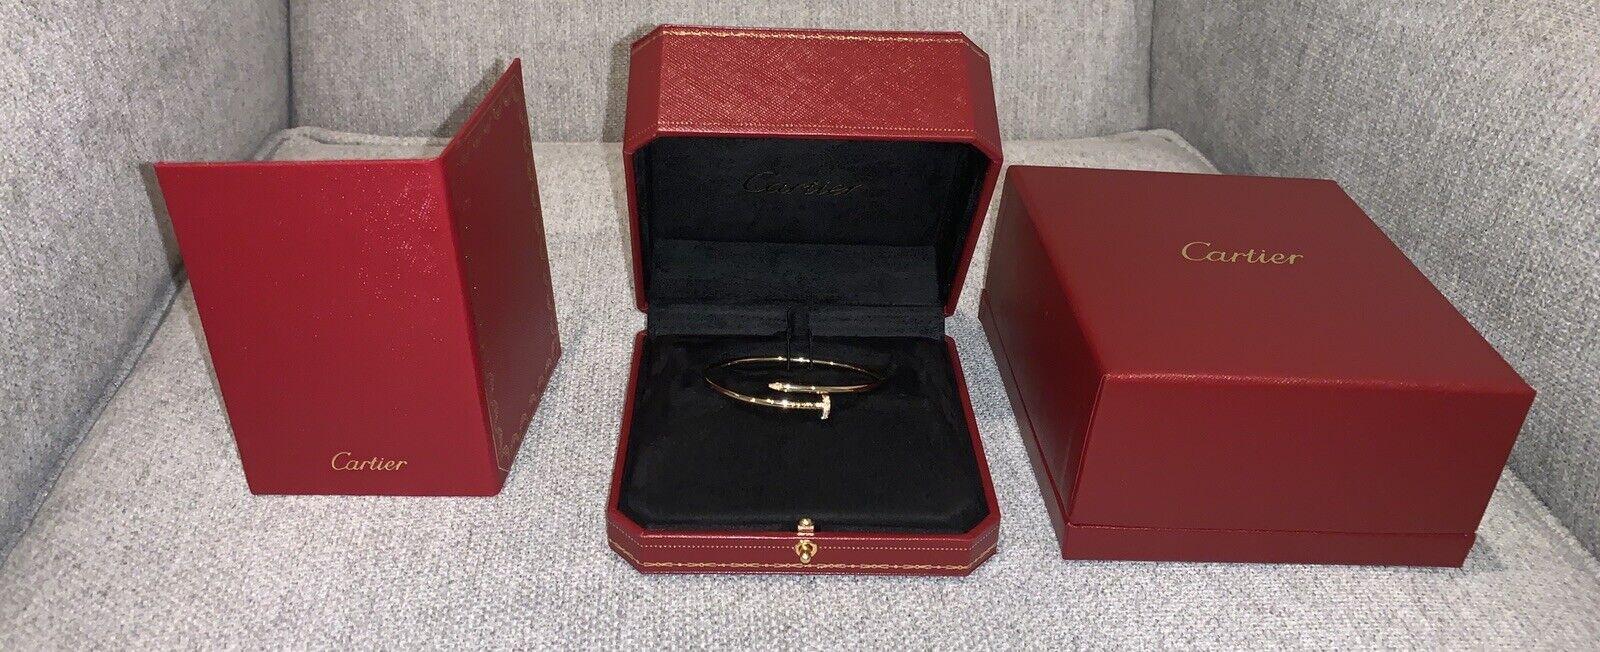 AUTH CARTIER 18K YELLOW GOLD JUSTE UN CLOU SMALL NAIL BRACELET w DIAMONDS SZ 19